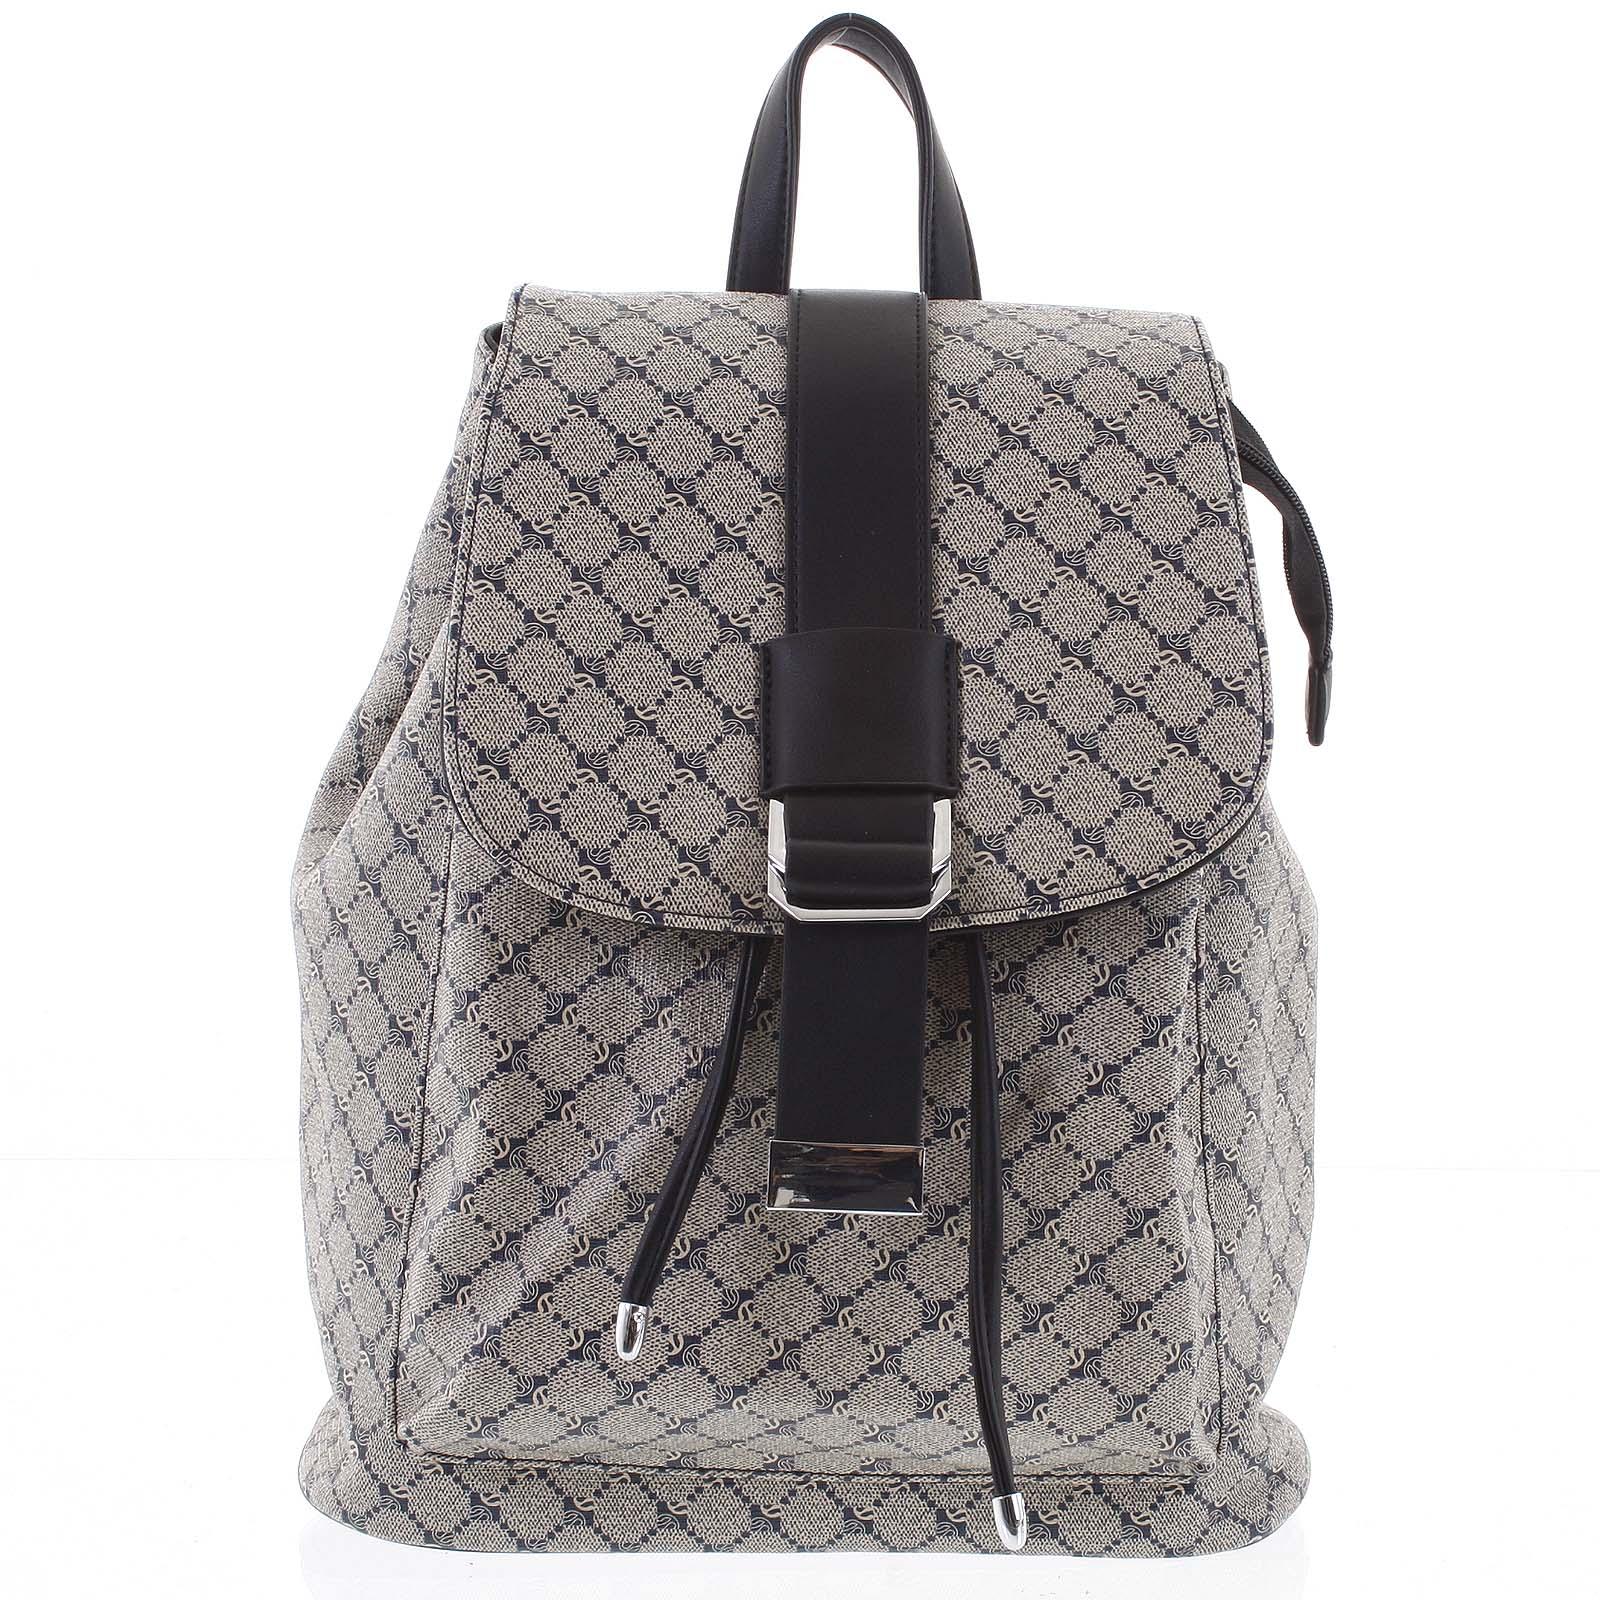 Luxusní střední dámský batoh modro černý - Silvia Rosa Kevin